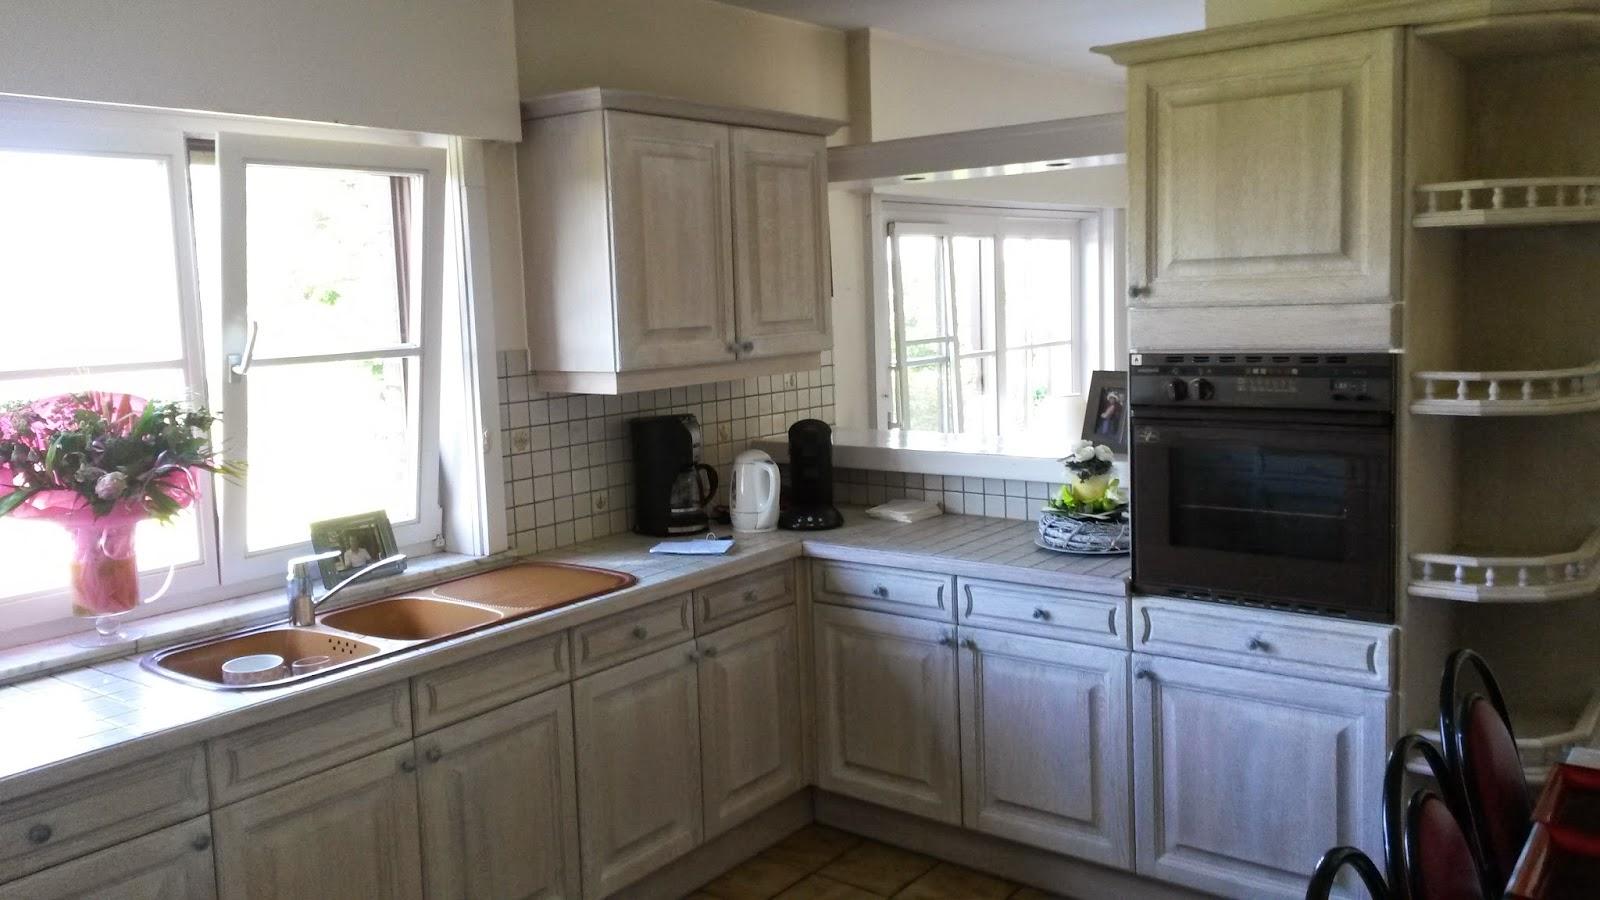 Eiken Keuken Zandstralen : Meer informatie over de renovatie van eiken deuren en keukens kan u